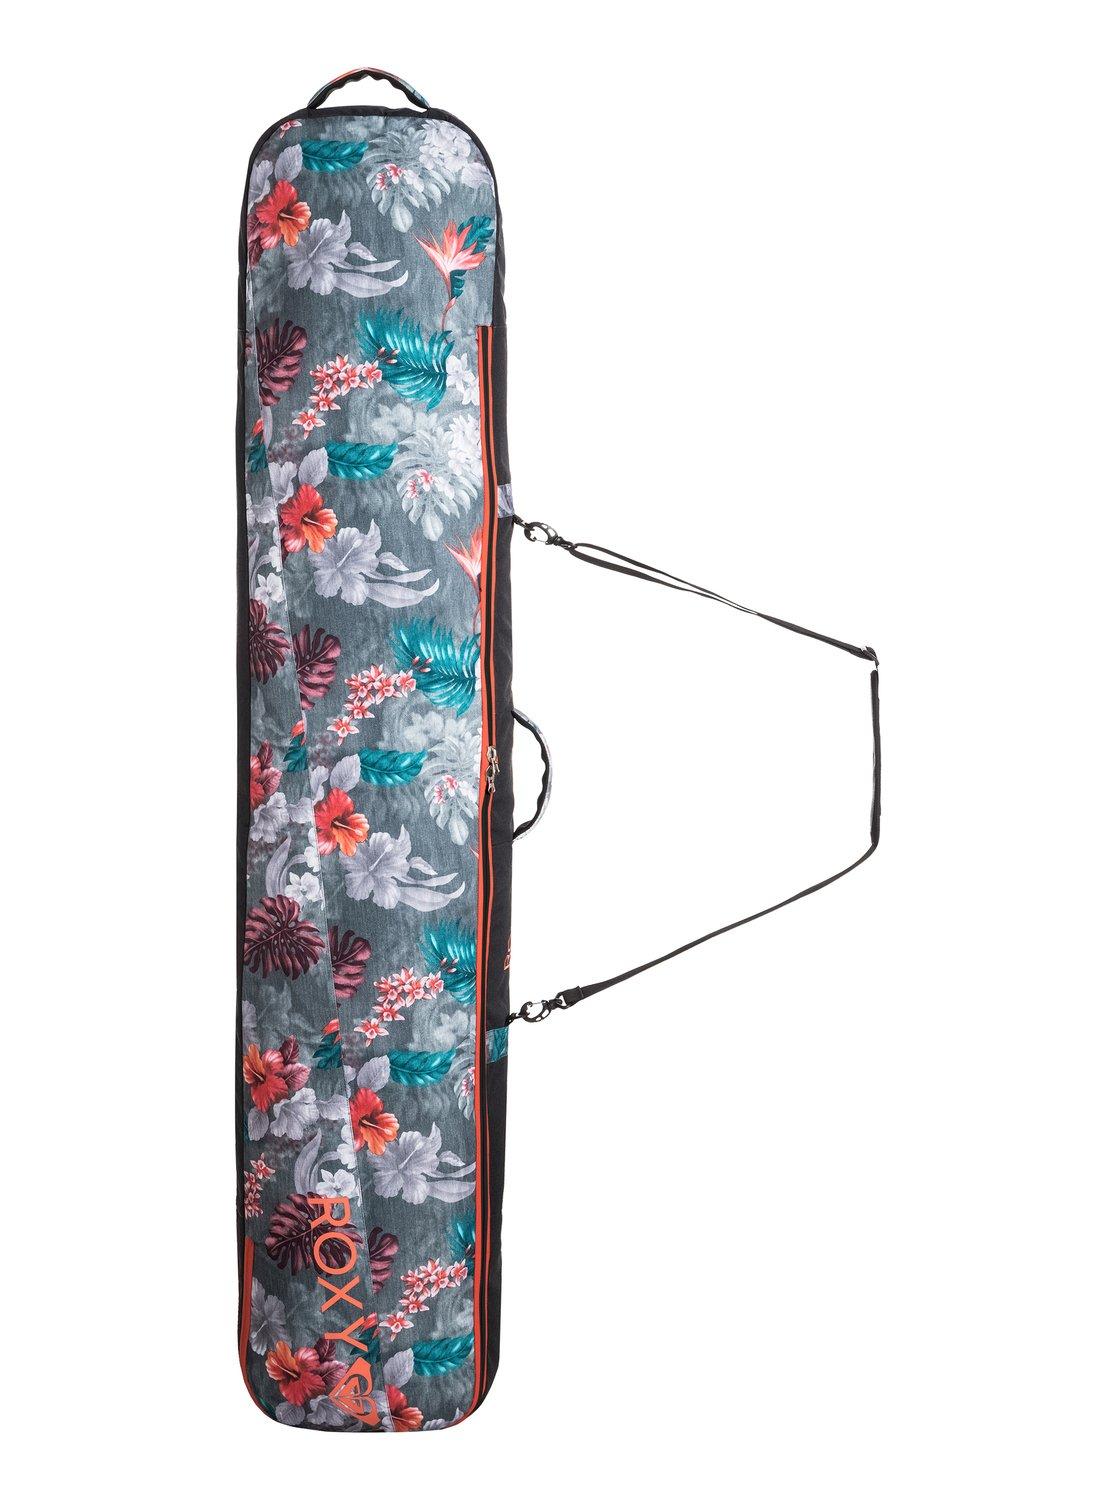 Мягкий переносной сноубордический чехол RoxyВслед за ошеломительным успехом капсульной серфовой коллекции Roxy POP Surf мы представляем еще одну выдающуюся линейку: Roxy POP Snow! Яркая неоновая эстетика горных склонов 80-х, выгодно подчеркивающие фигуру фасоны и лучшие катальные технологии — готовьтесь к хаосу на склонах, где все будут смотреть только на вас, но никак не перед собой!<br>